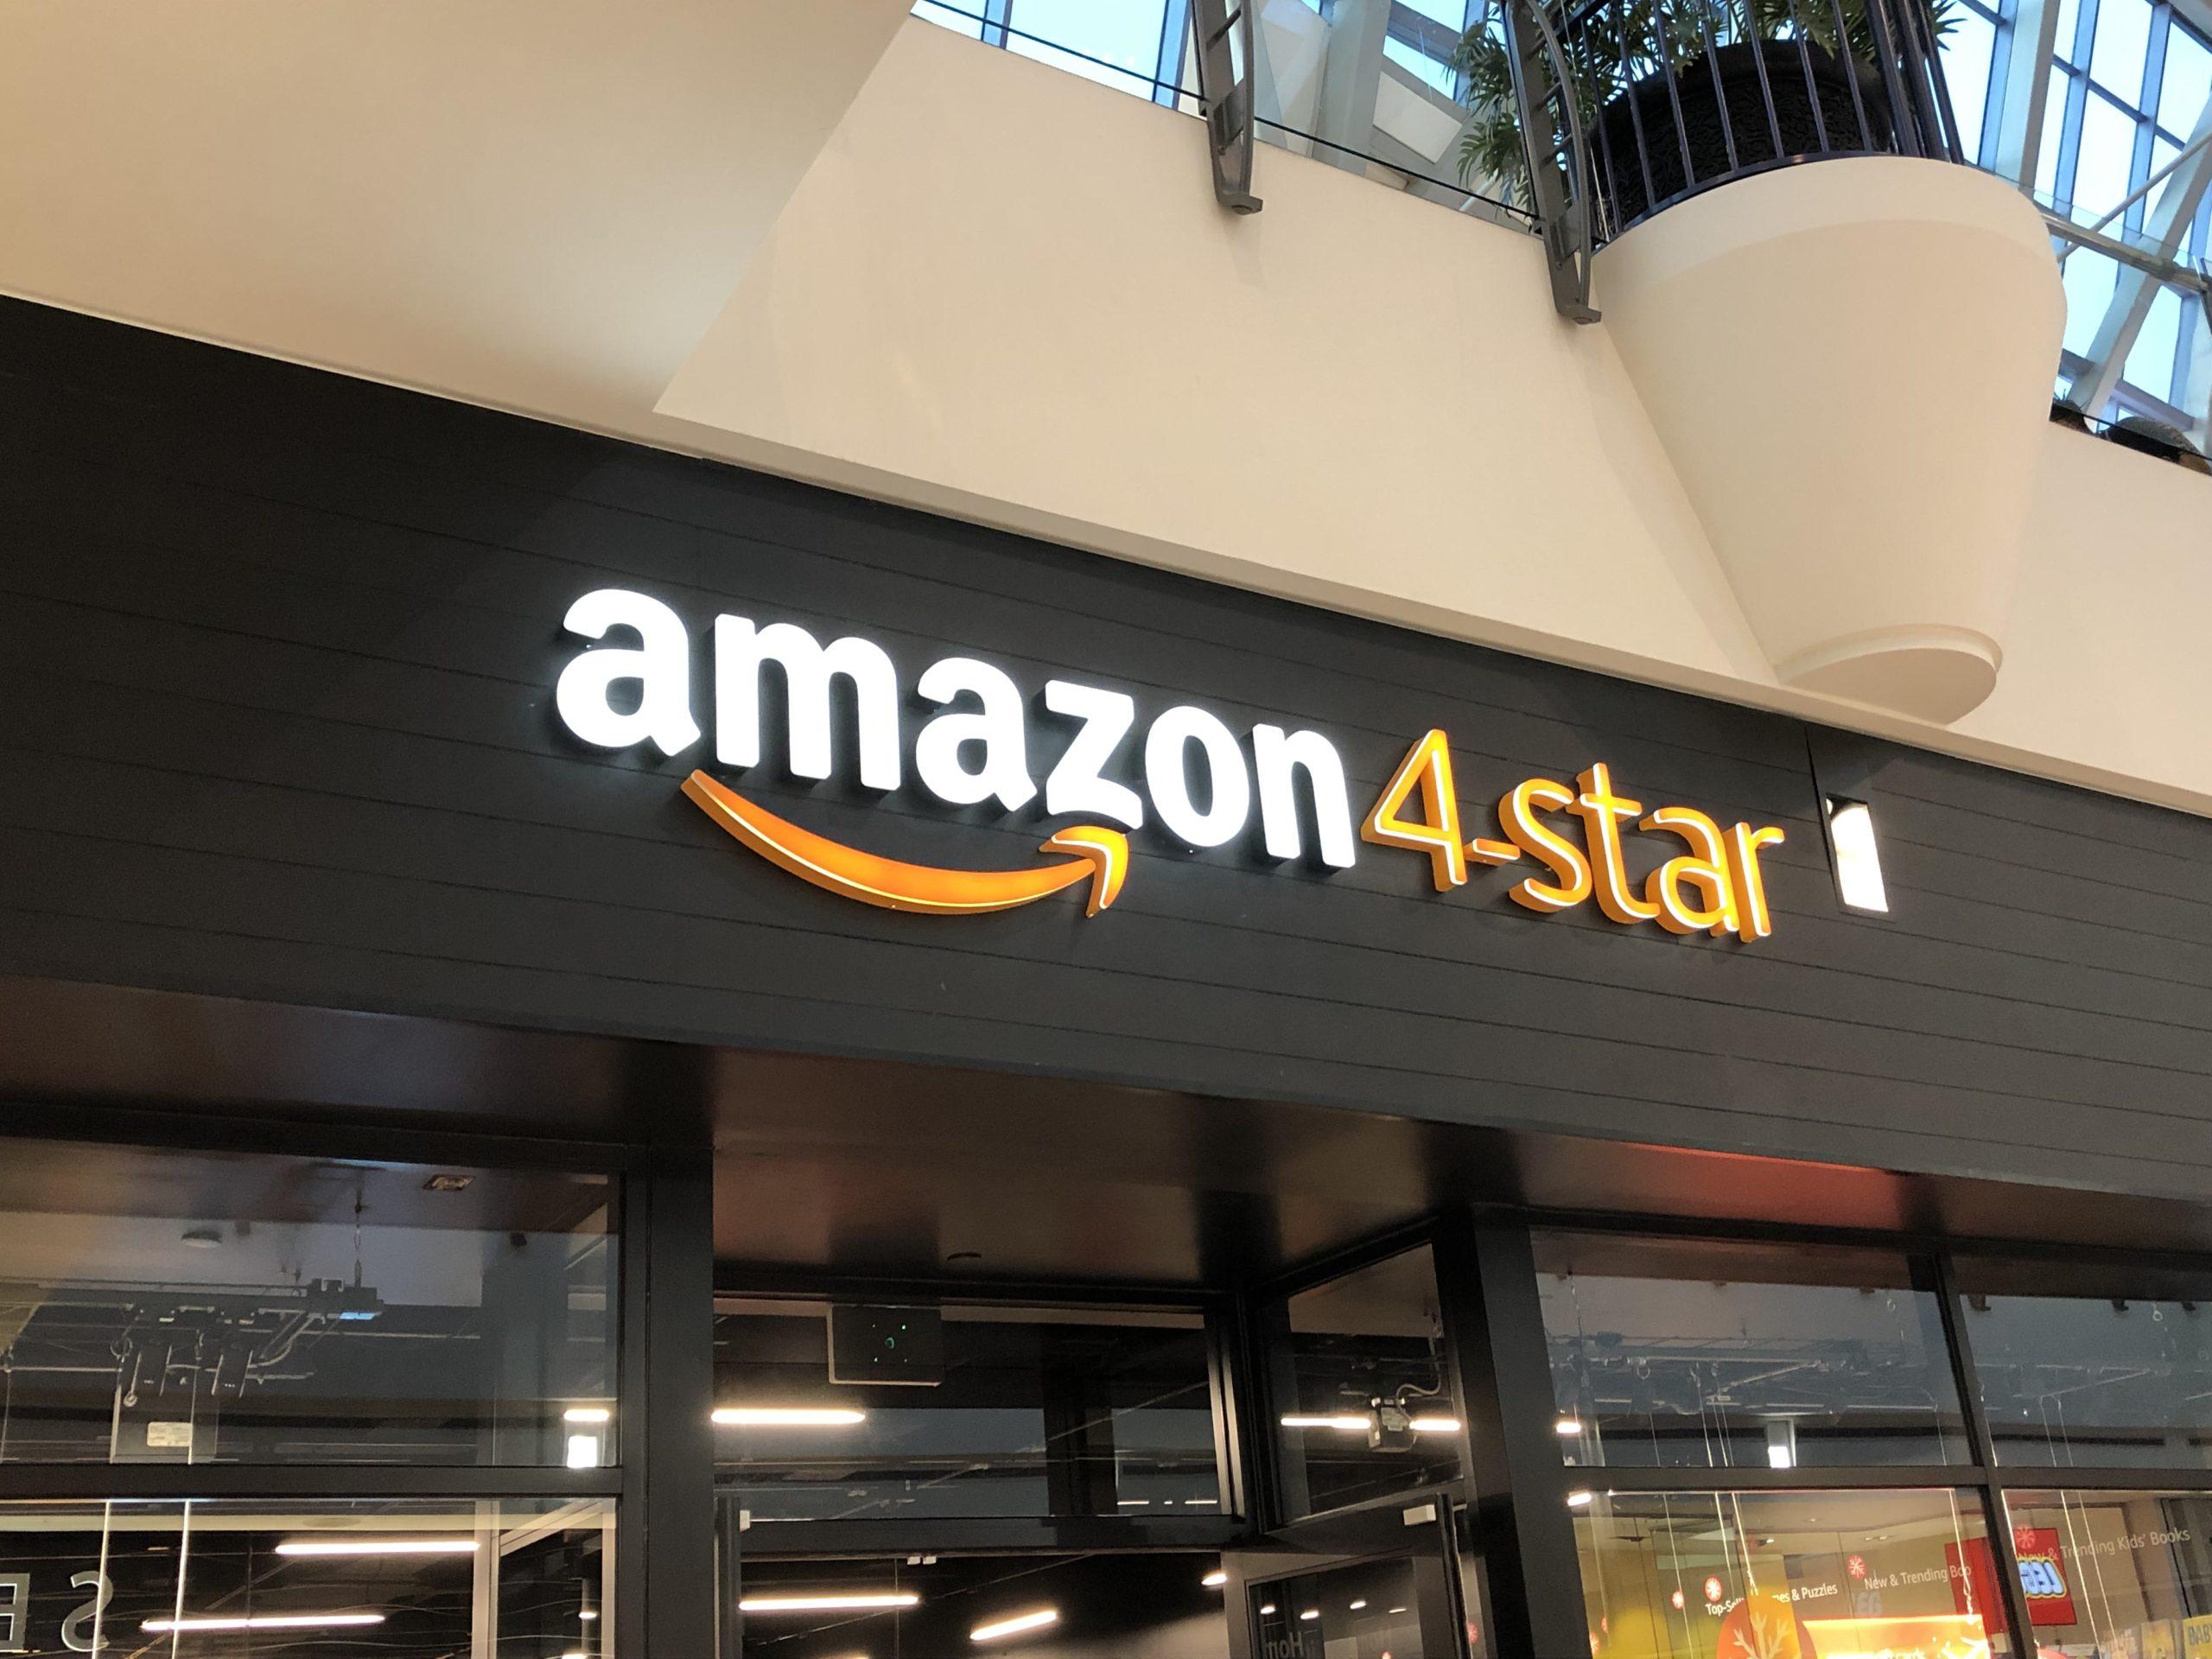 【Frisco】テキサス州初出店!星4つ以上の商品しか置かないアマゾン4スターをオープン(2019年11月)